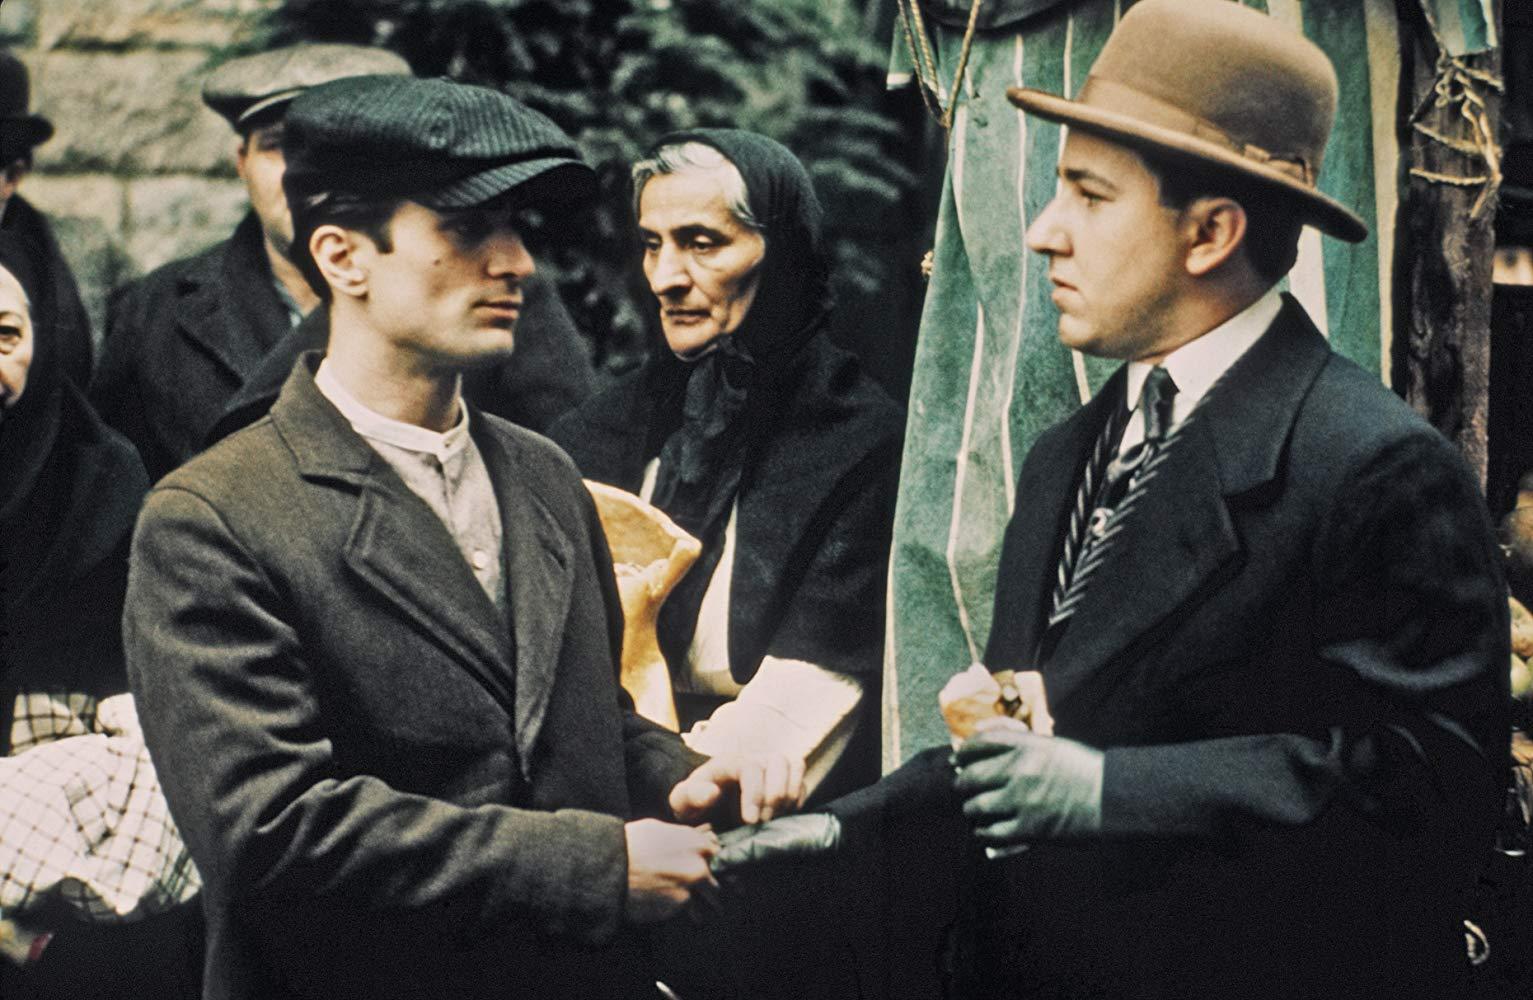 Vito Corleone Robert De Niro